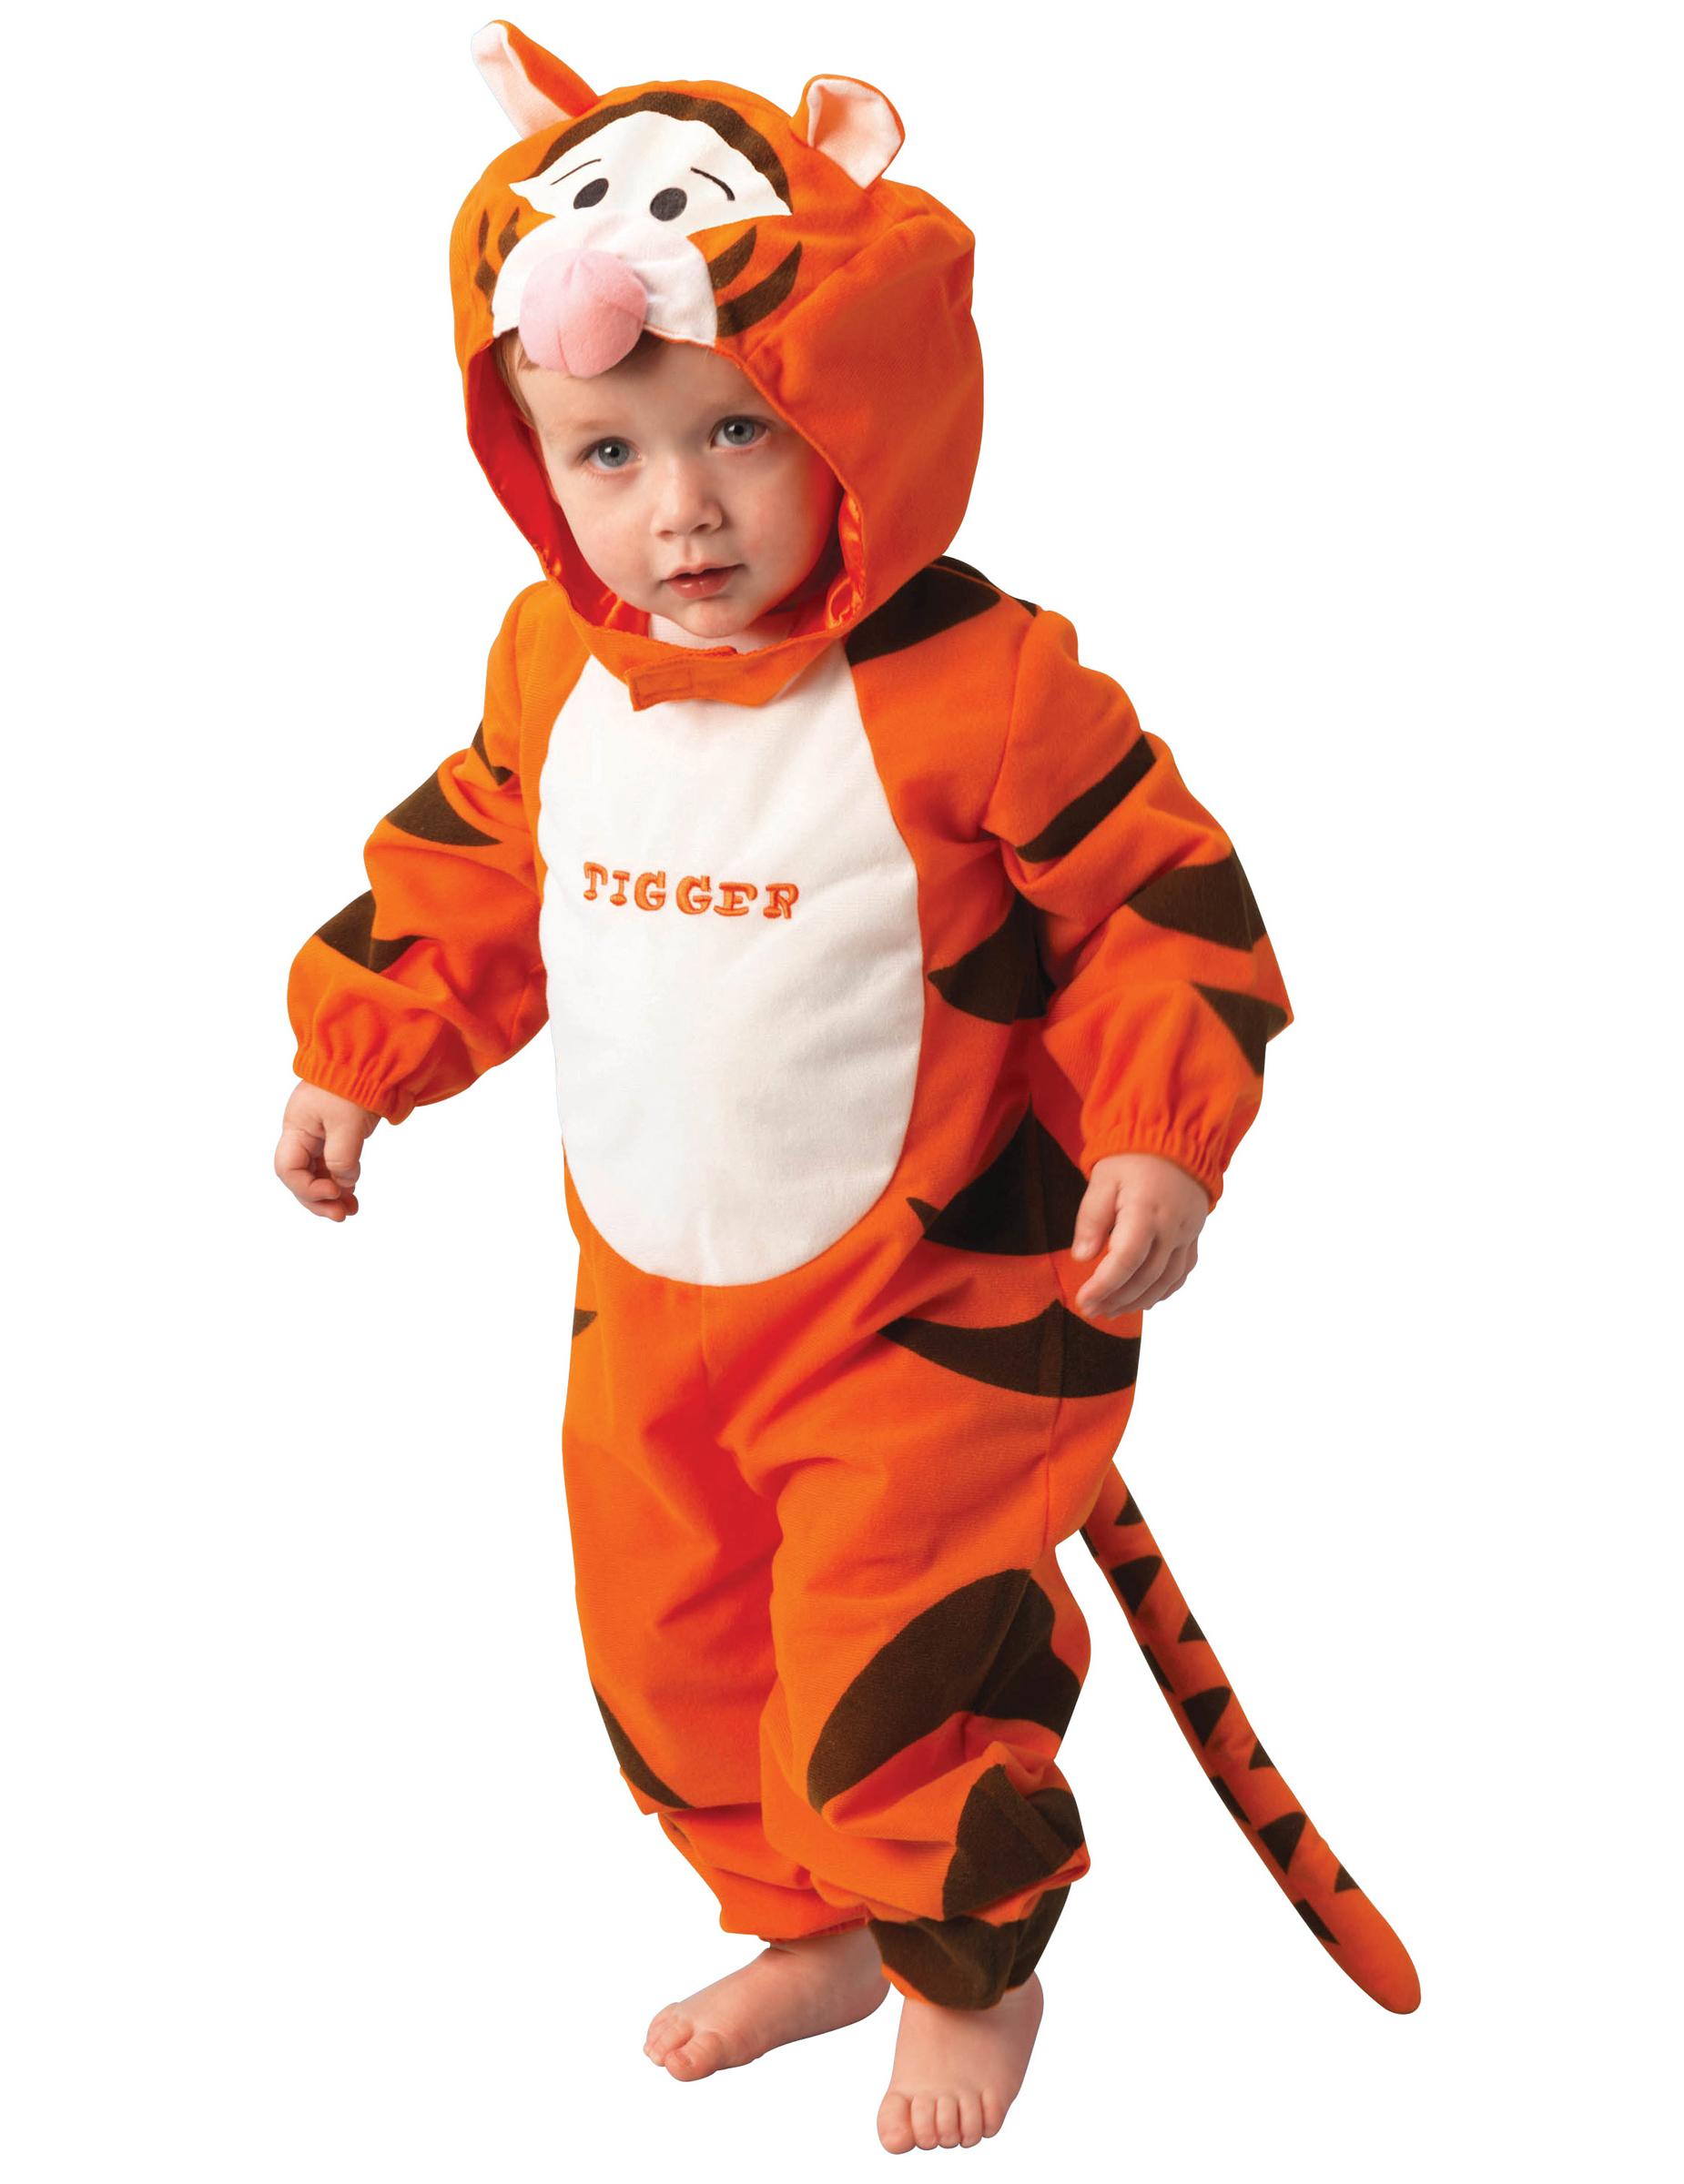 cerca autentico meticolosi processi di tintura scarpe temperamento Costume Disney Tigro™ neonato